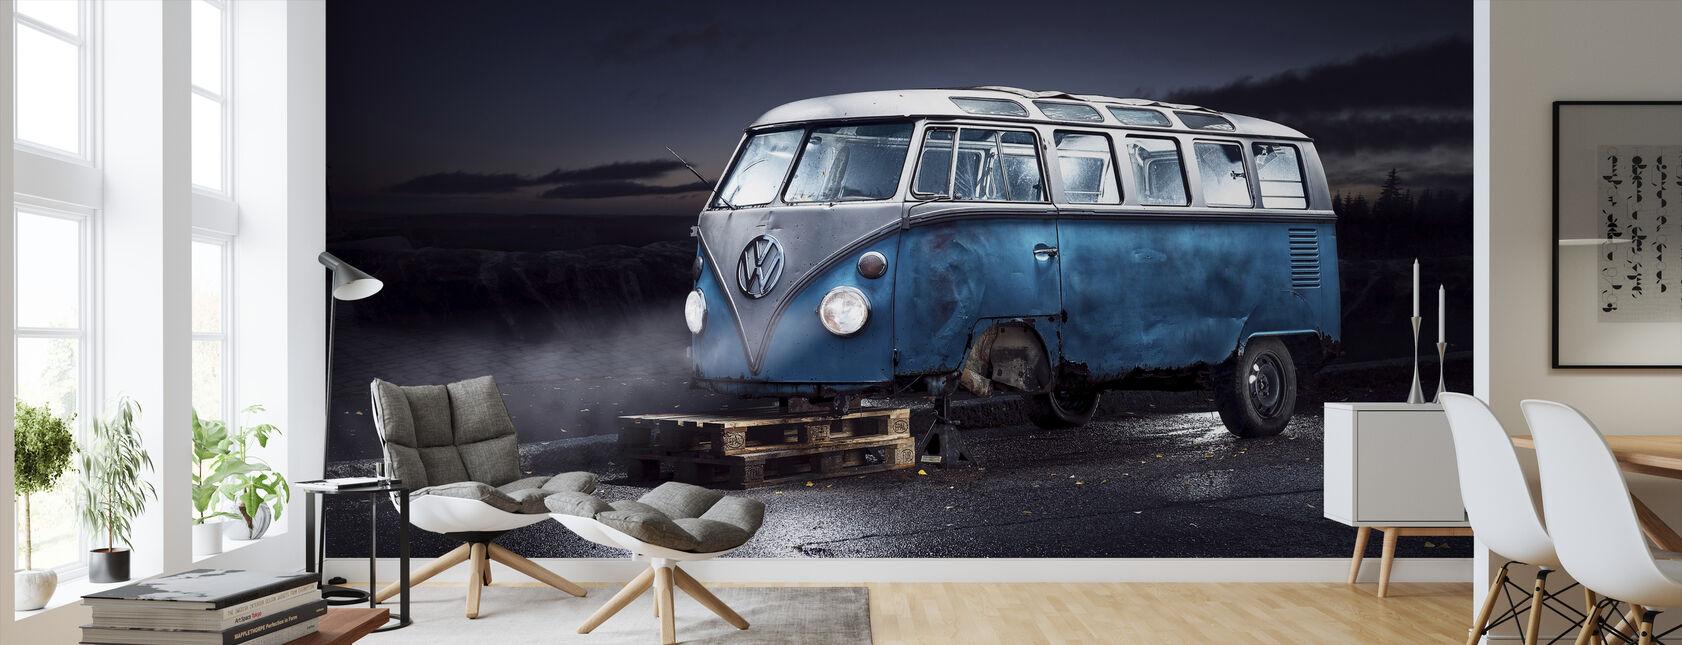 VW Kleinbus - Tapete - Wohnzimmer